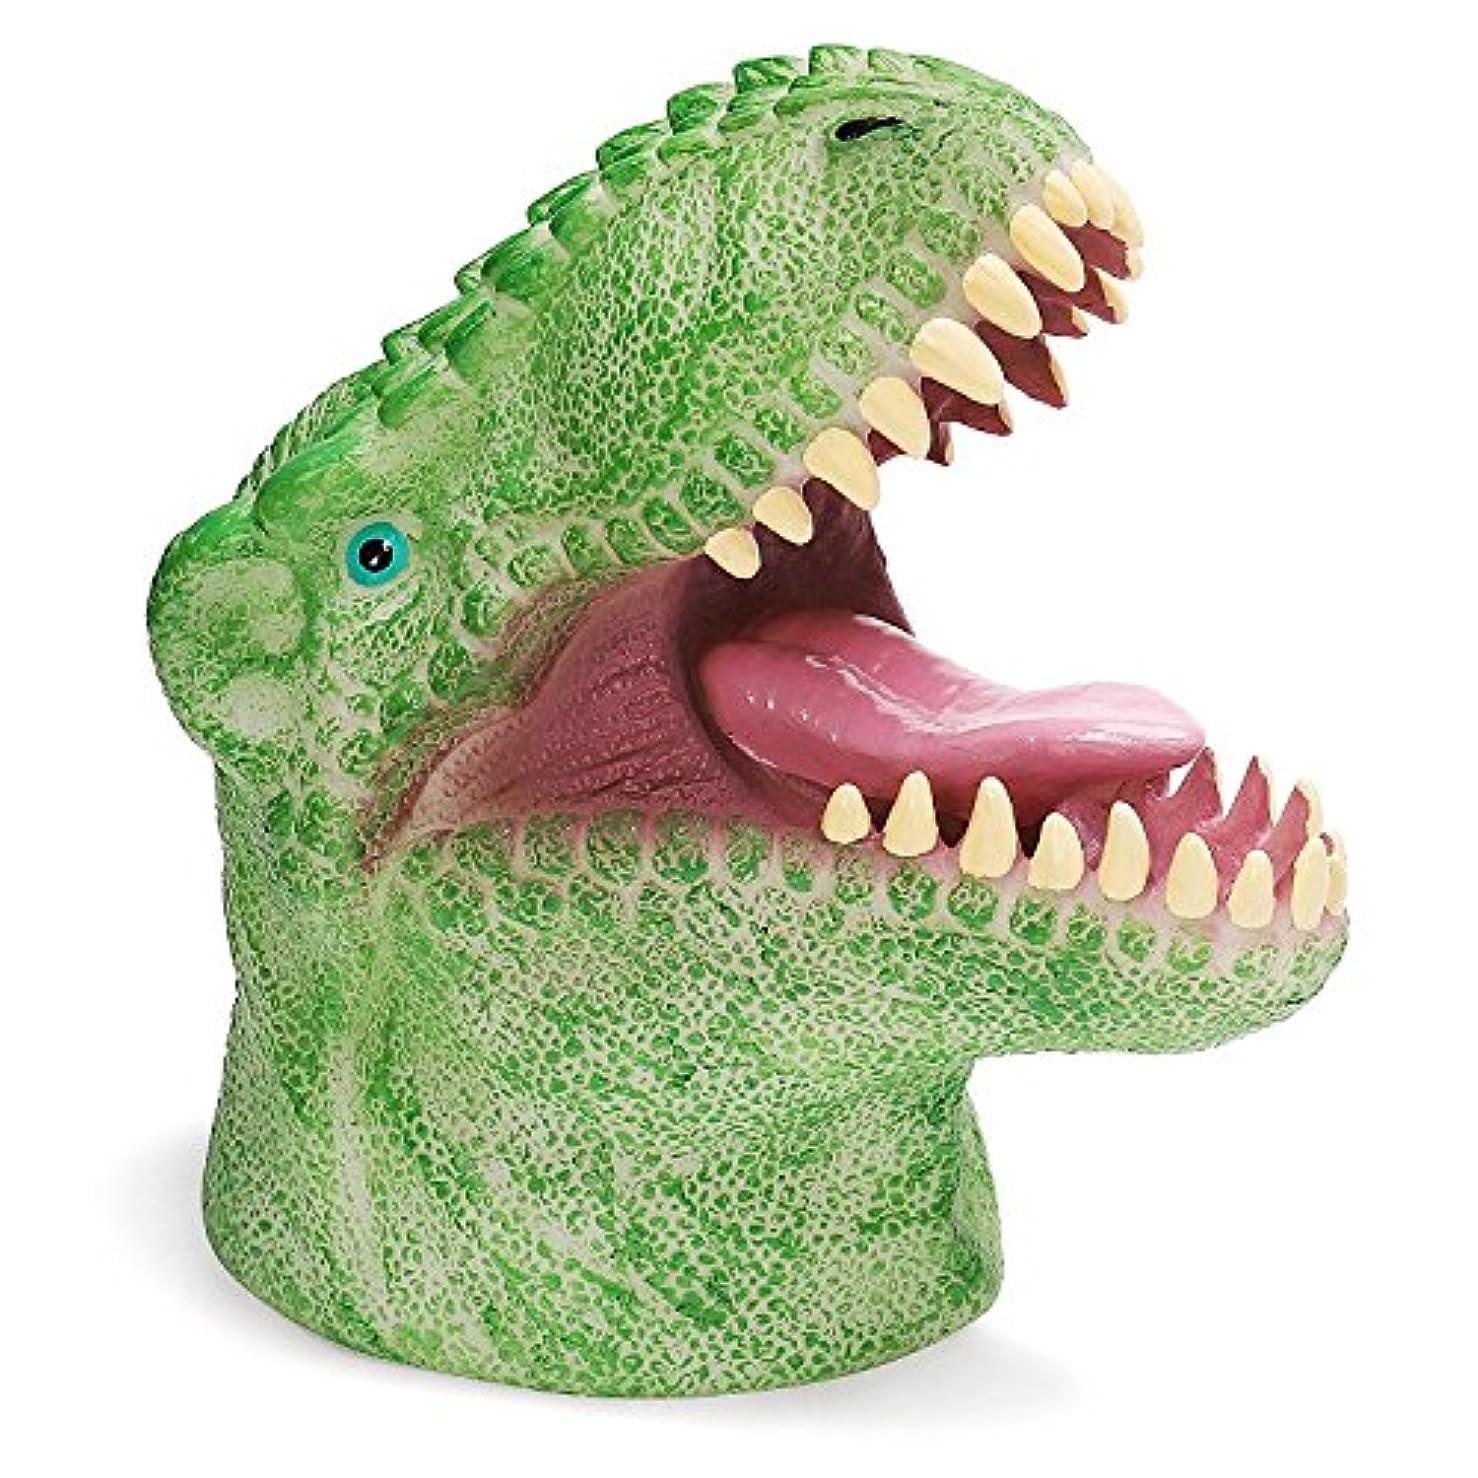 補助金出力予測する恐竜ナイトランプ USBポータブル充電式 7色変更